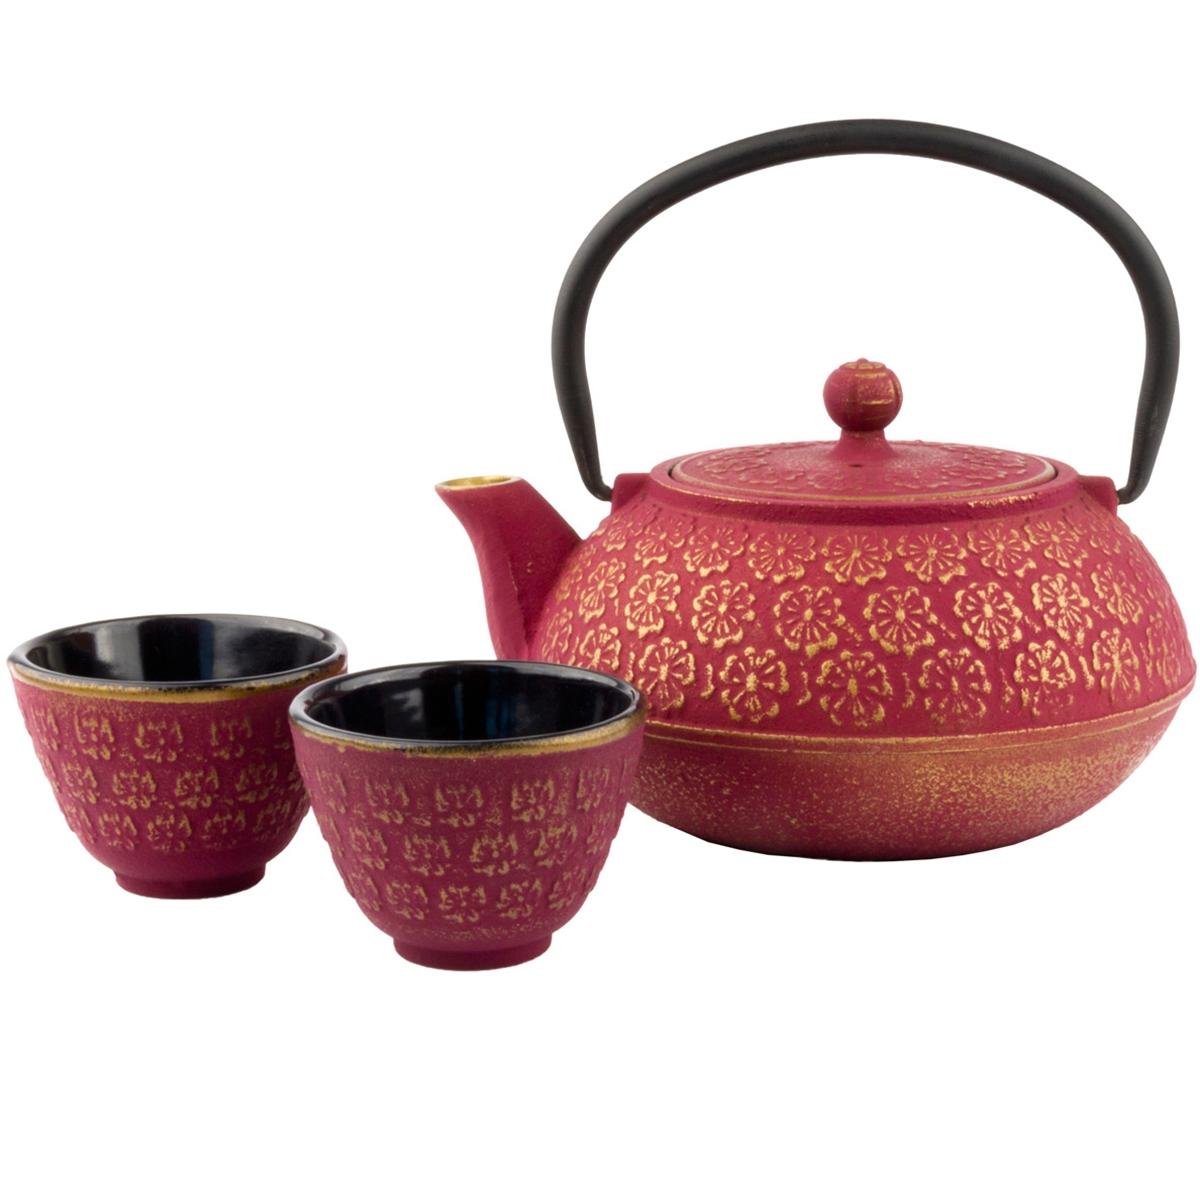 Set tetera shangai con filtro y 2 tazas hierro fundido - Tetera japonesa hierro fundido ...